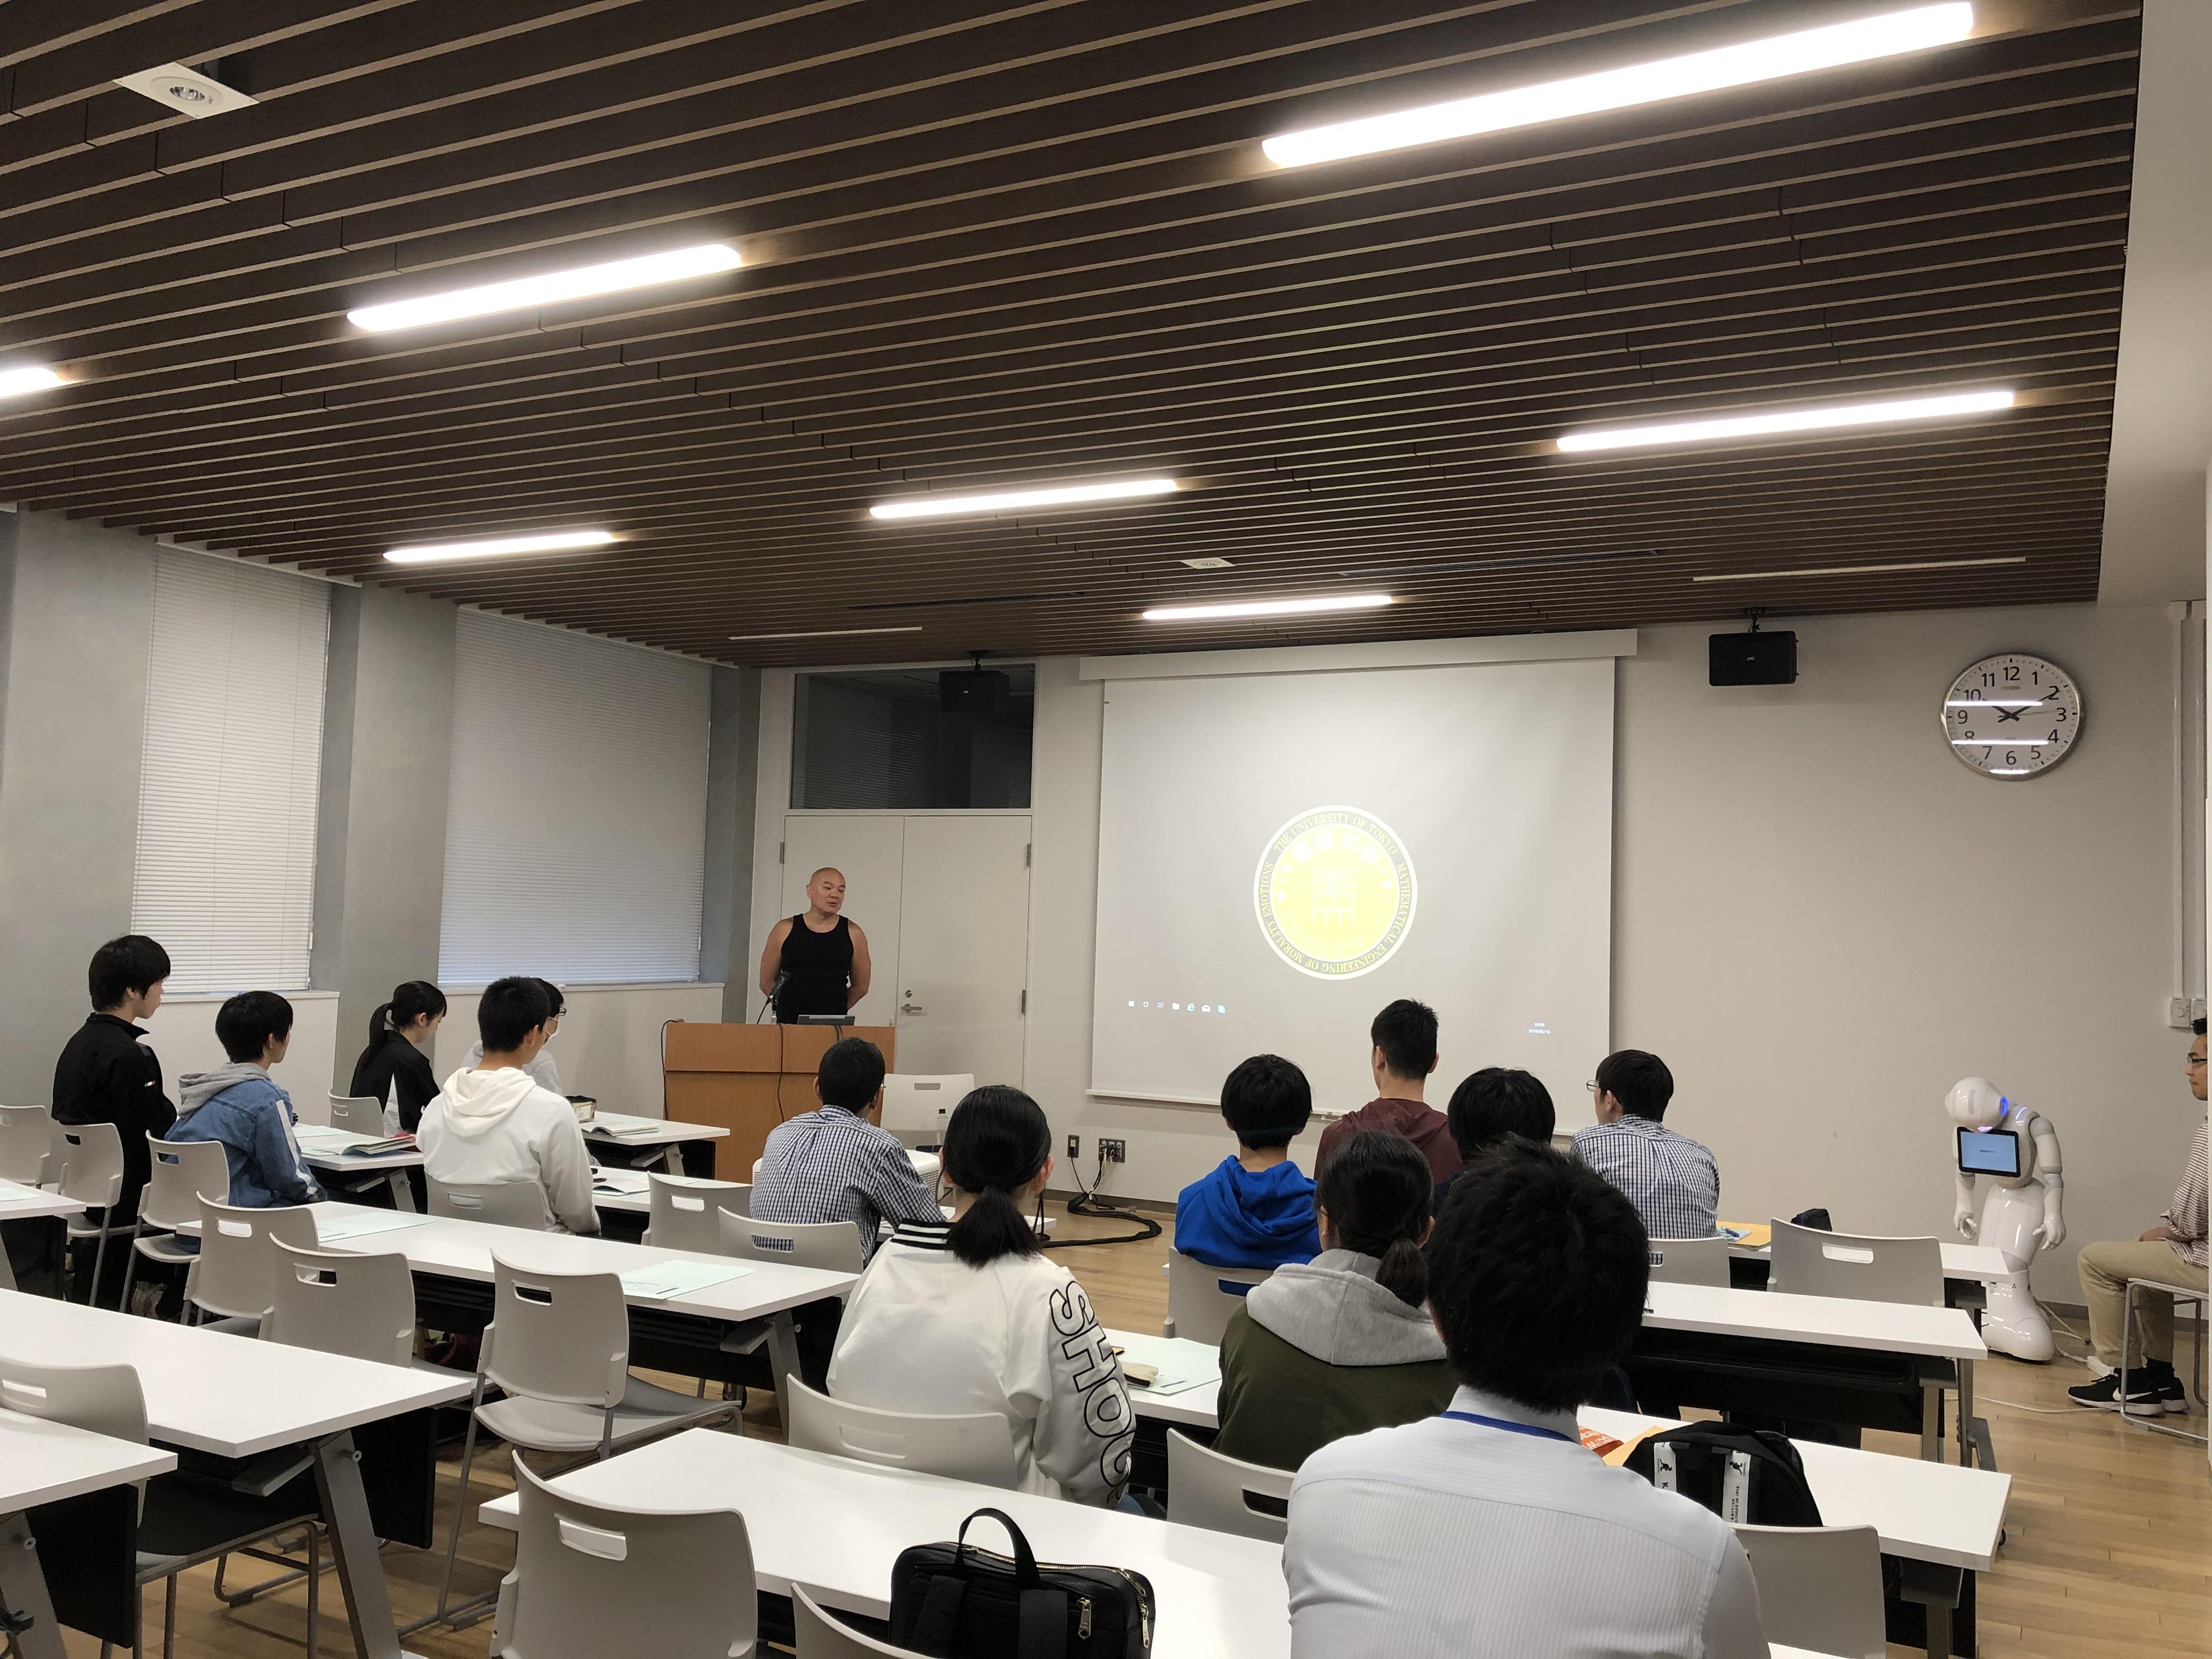 昨年度に続き、今年も仙台市立上杉山中学校の訪問学習を受け入れました。